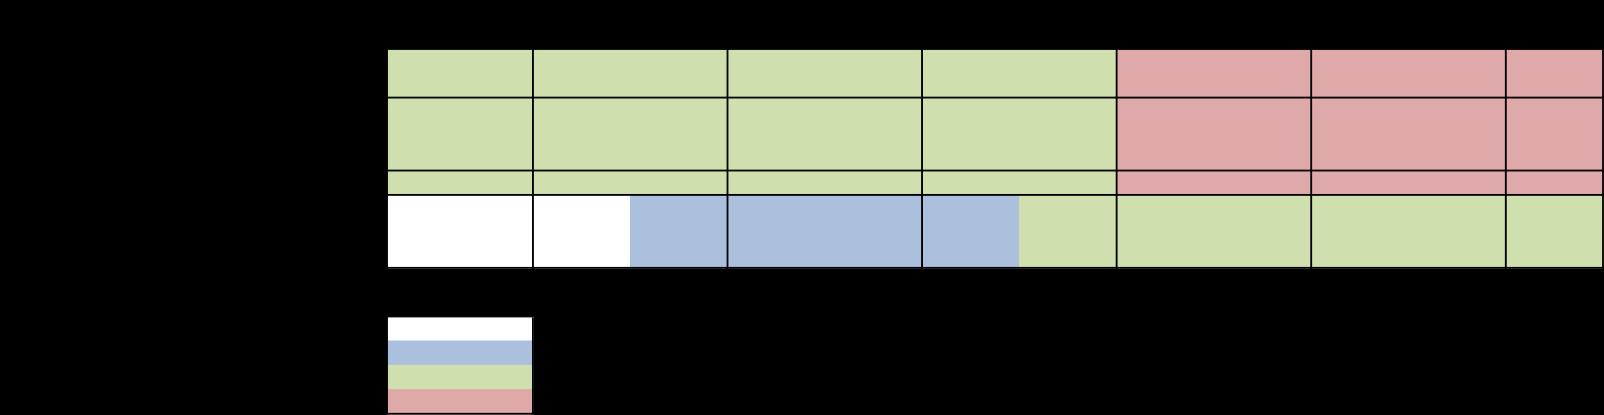 platform managed service